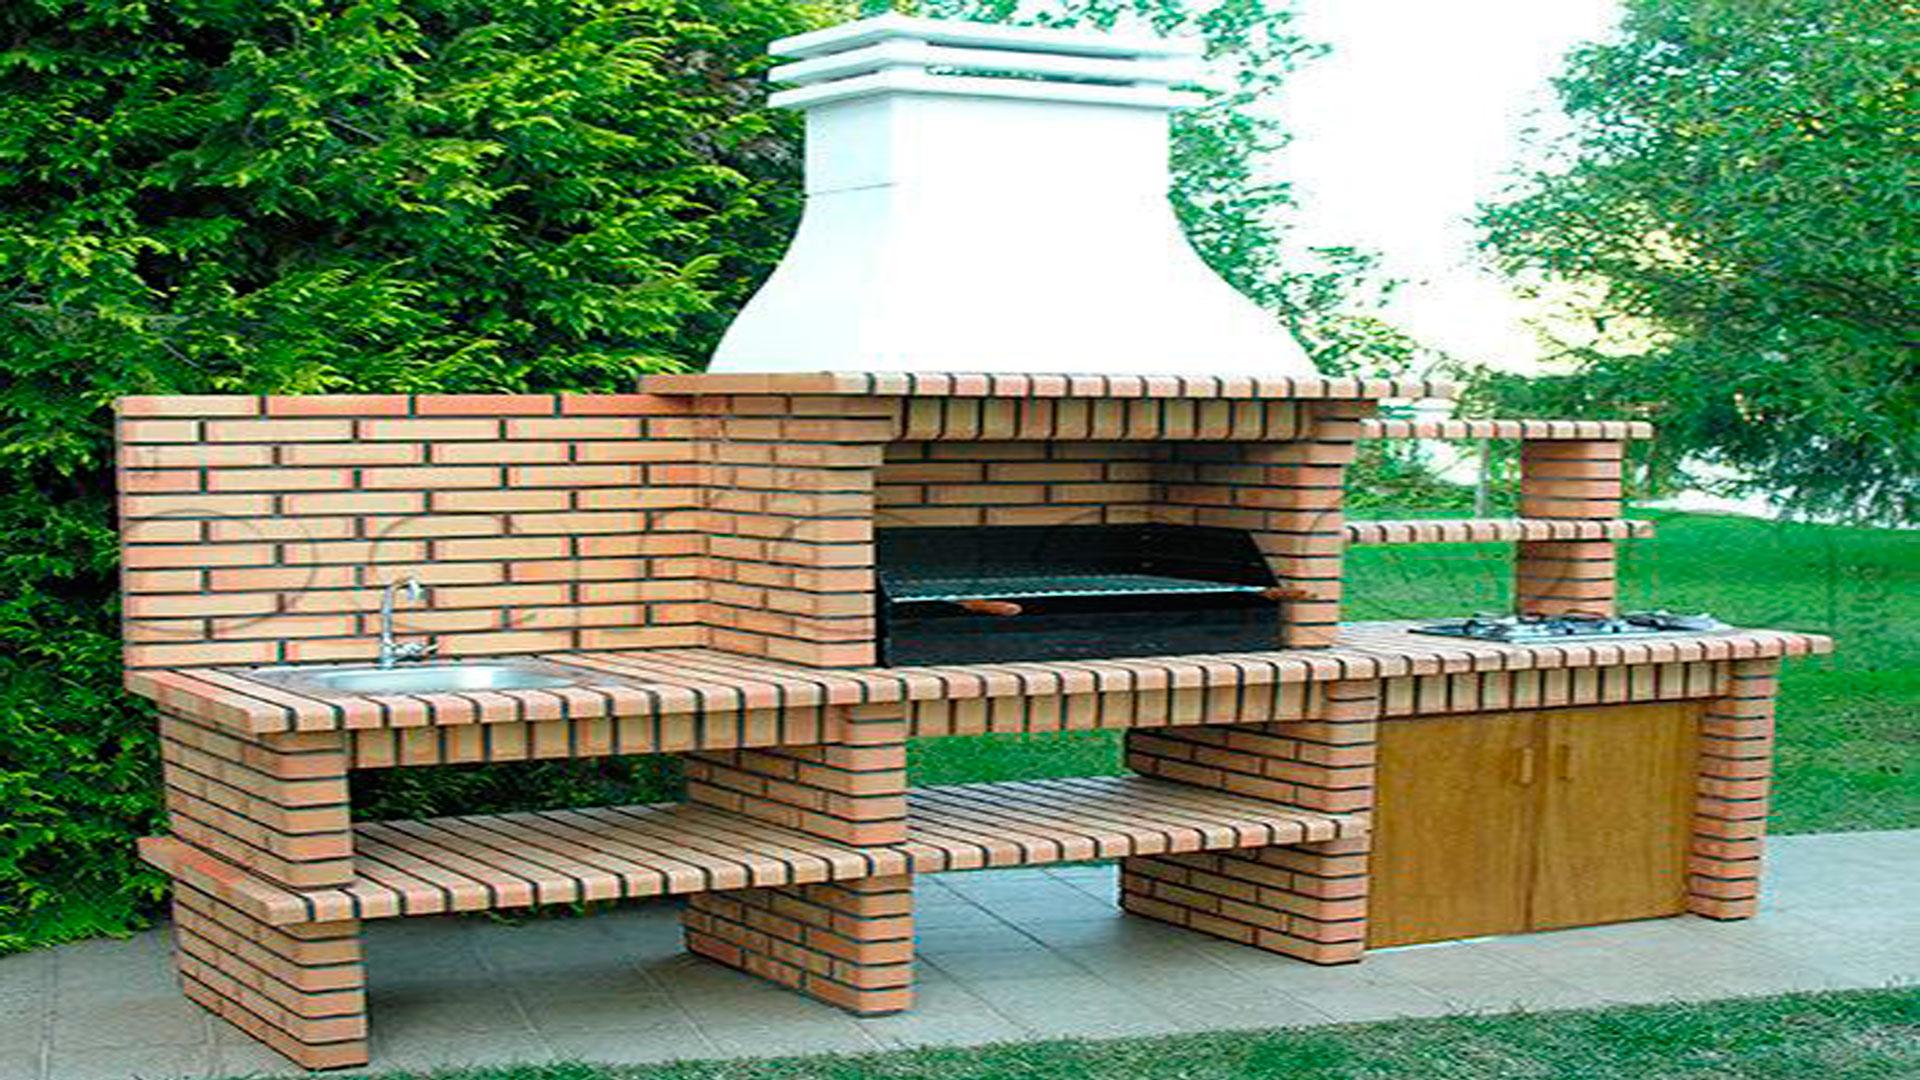 Construir una barbacoa - Hacer chimenea barbacoa ...